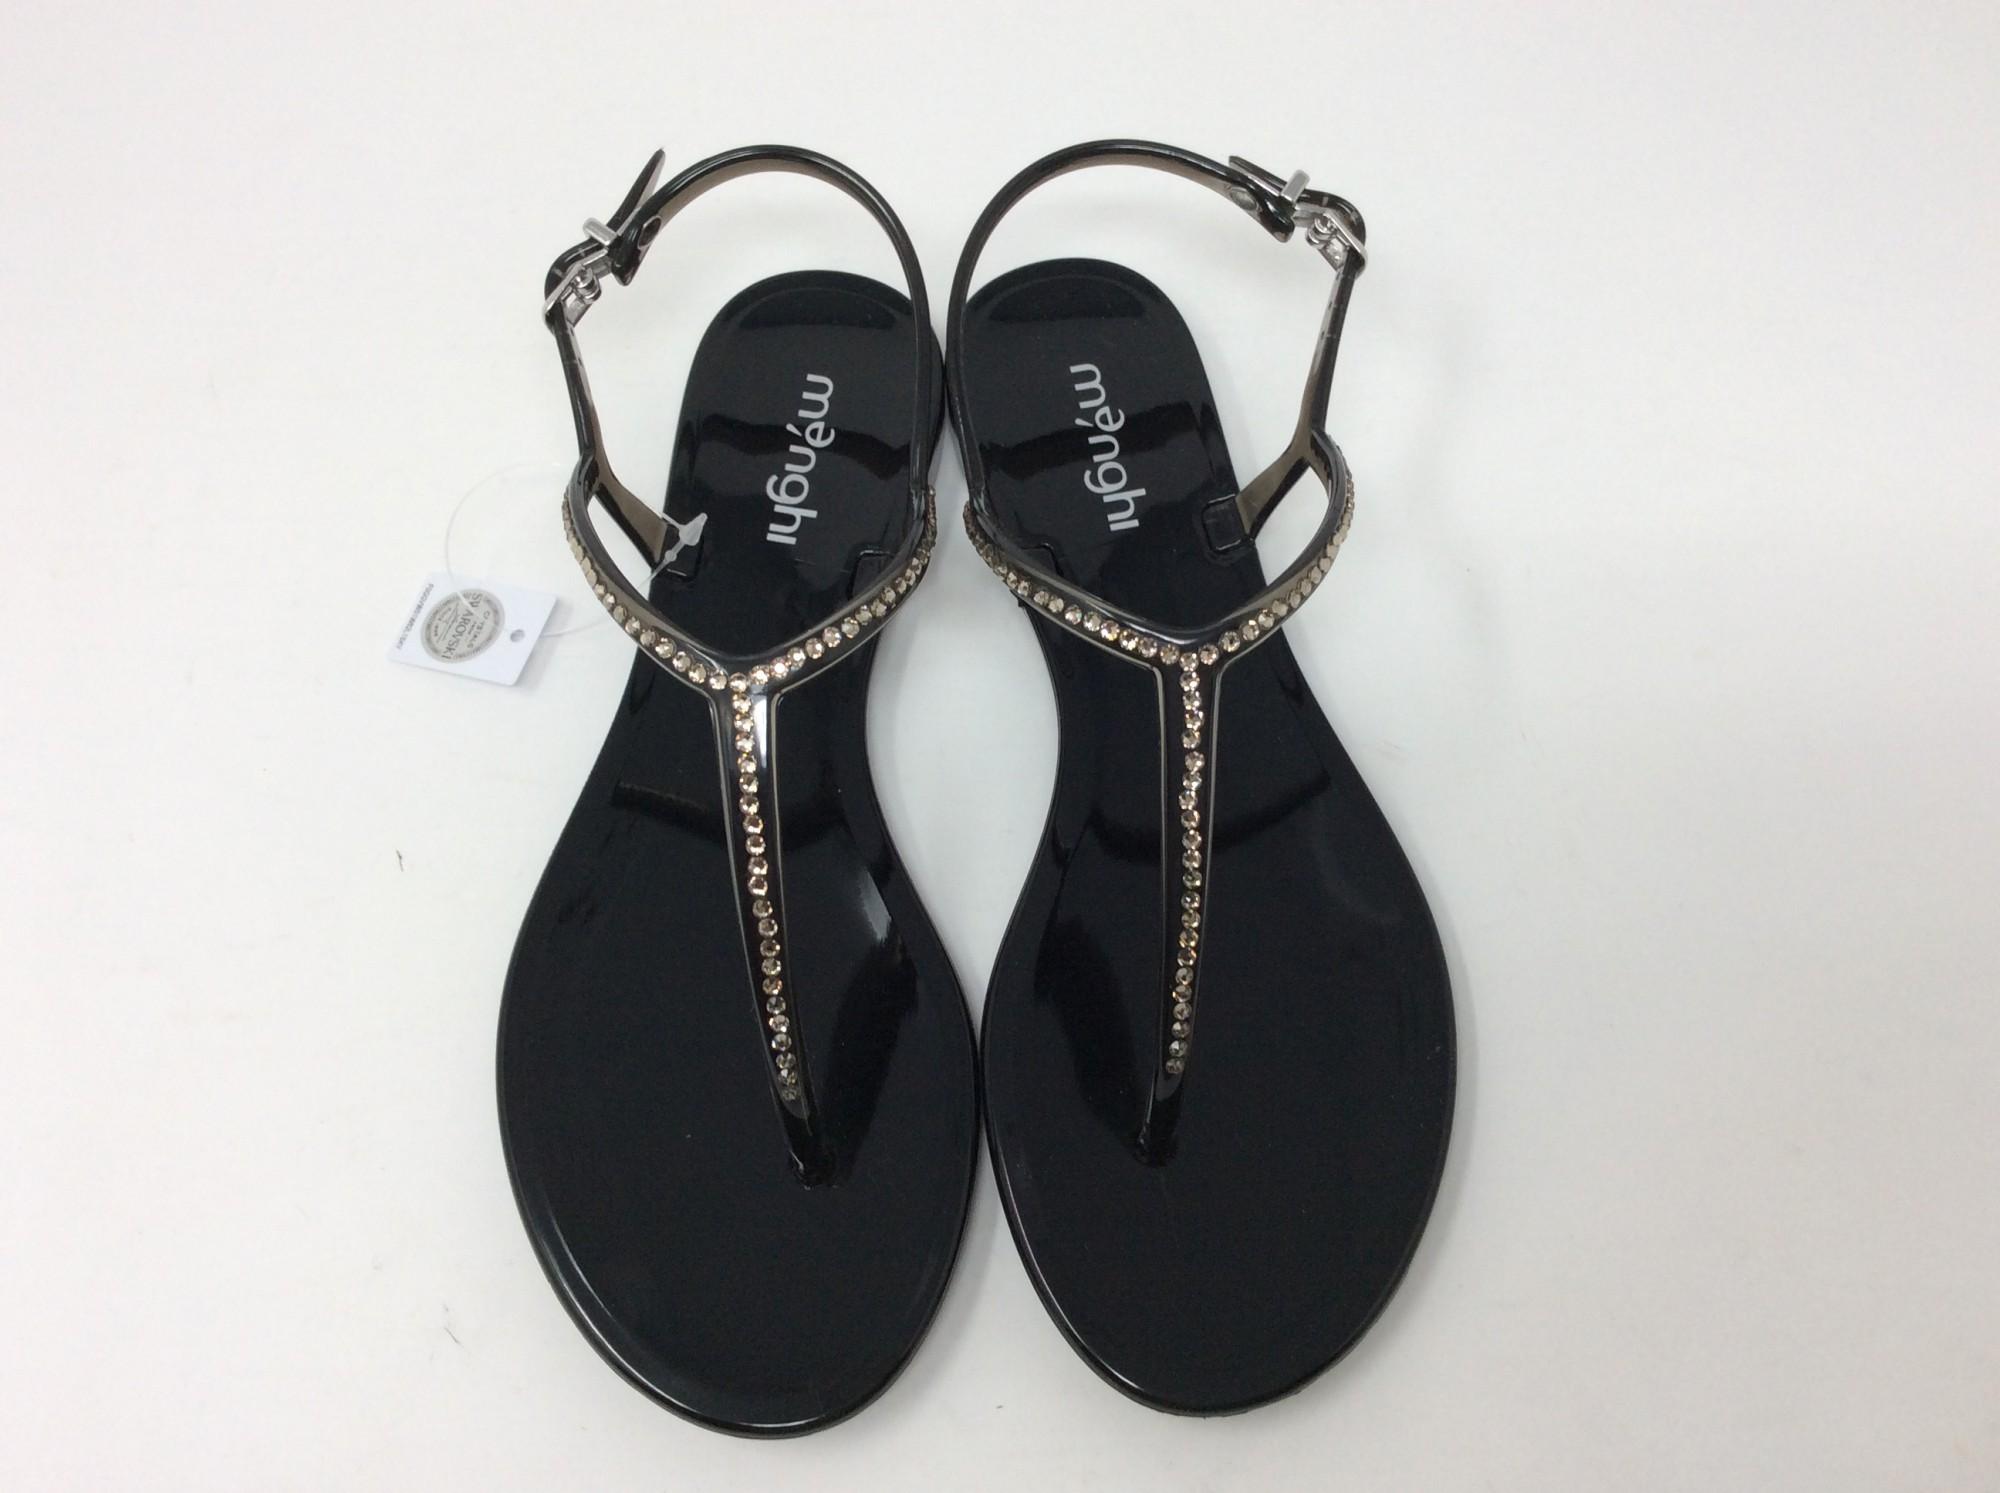 Chaussures Menghi 817swonline 7vfgyyb6 Vente Noir Art Sandale thrdsQ